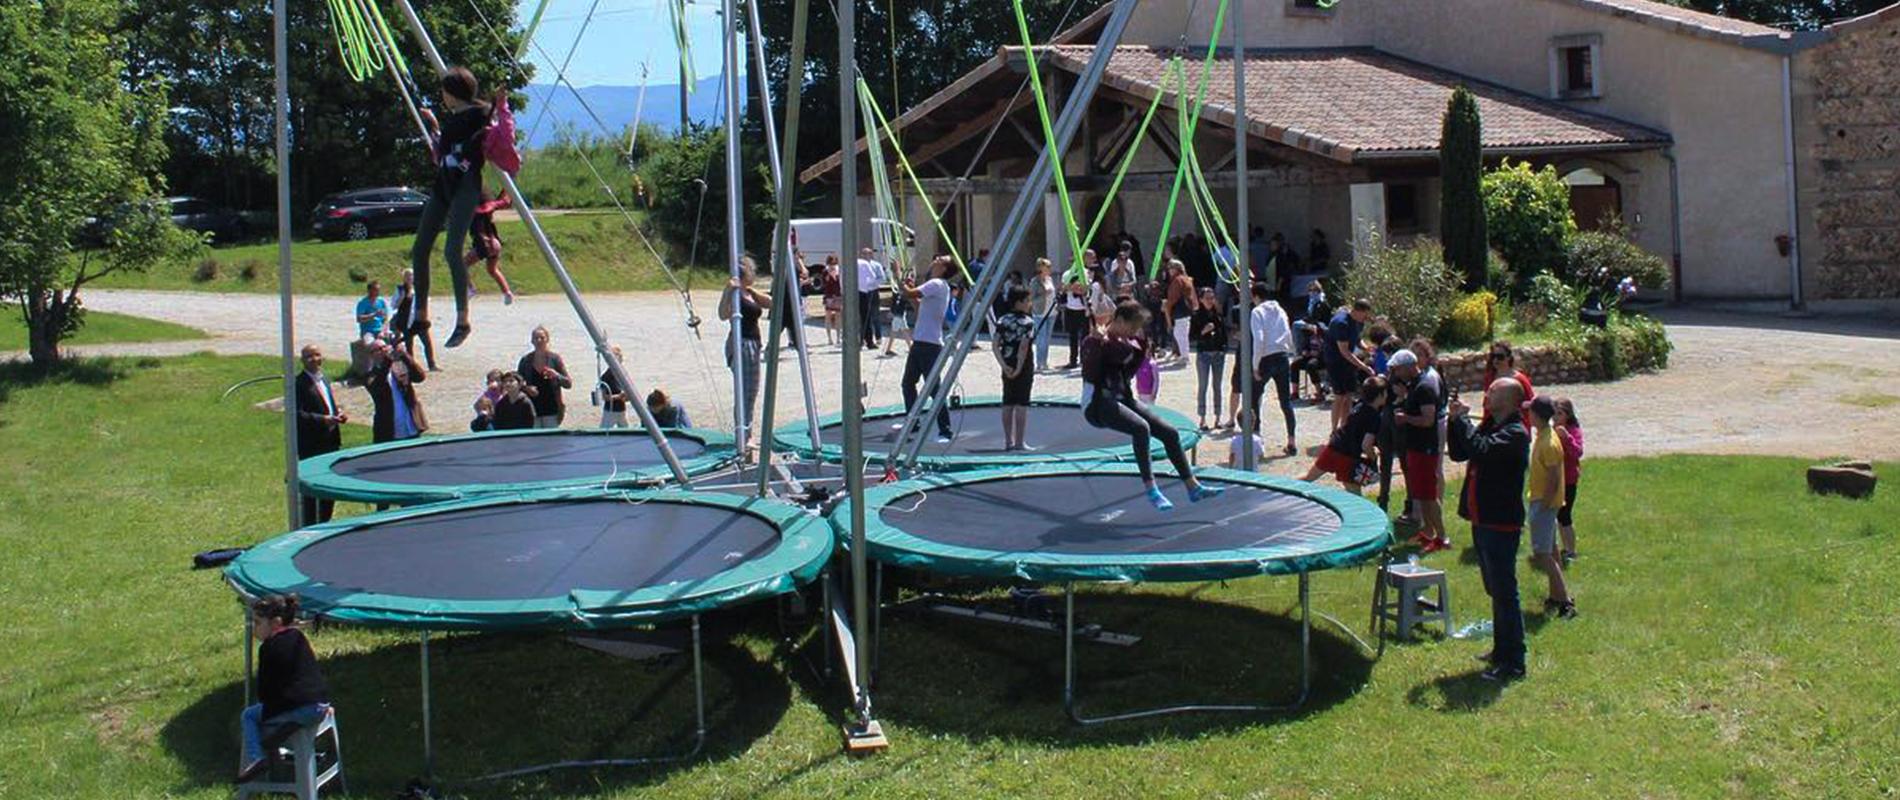 trampoline parks for kids